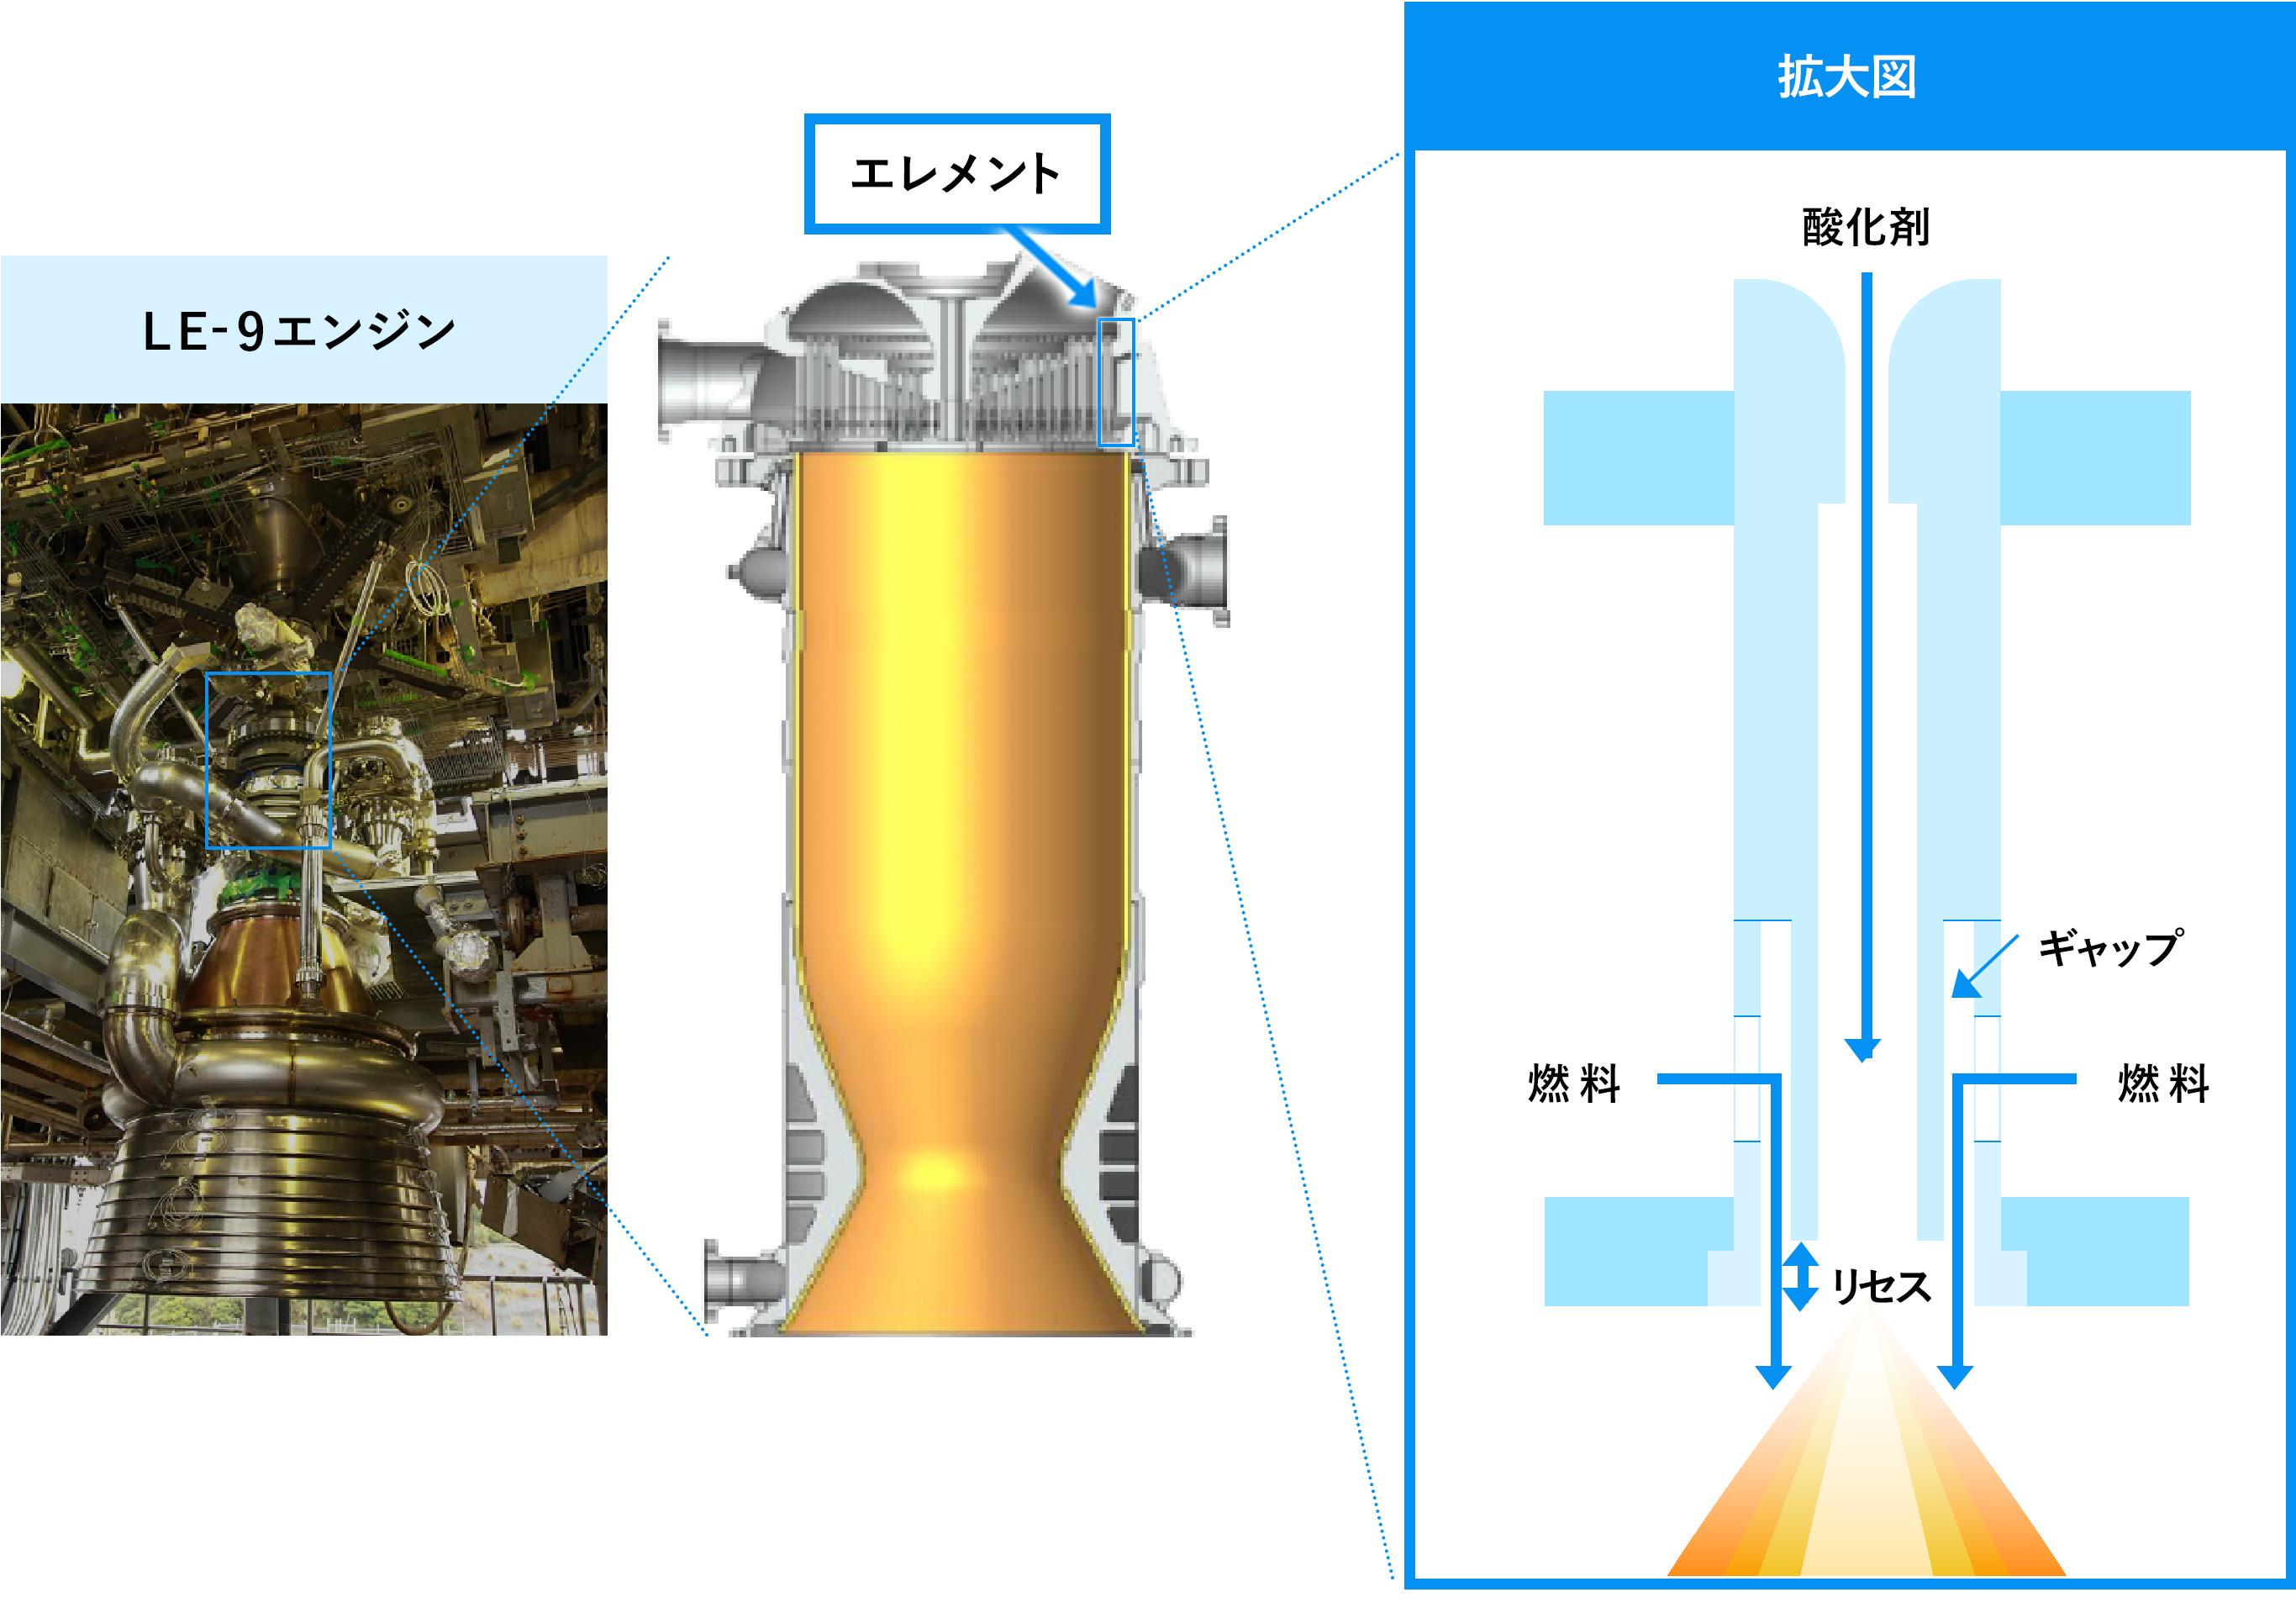 ロケットエンジンのエレメントの燃焼実験 図解